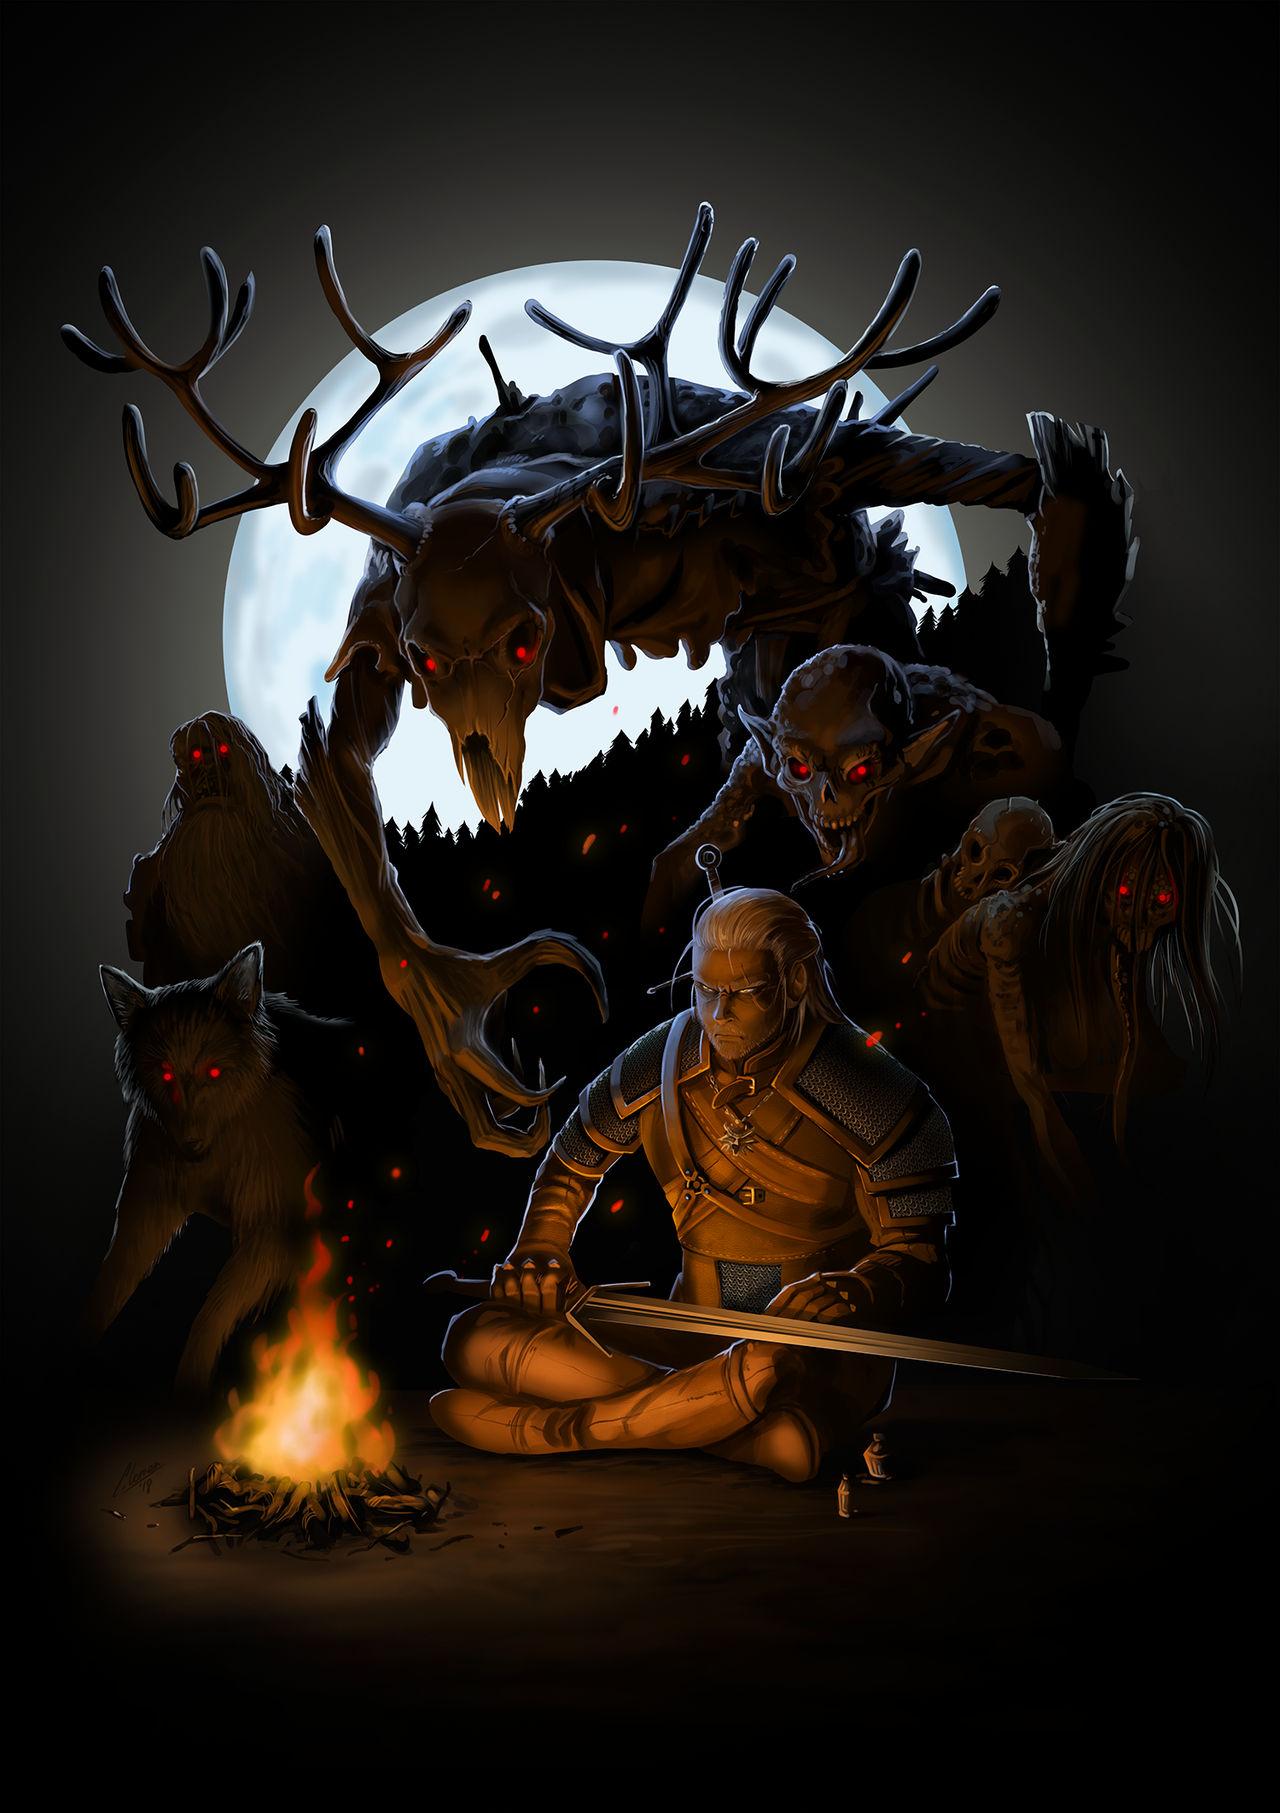 RQMKP0_Tgck.jpg - Witcher 3: Wild Hunt, the